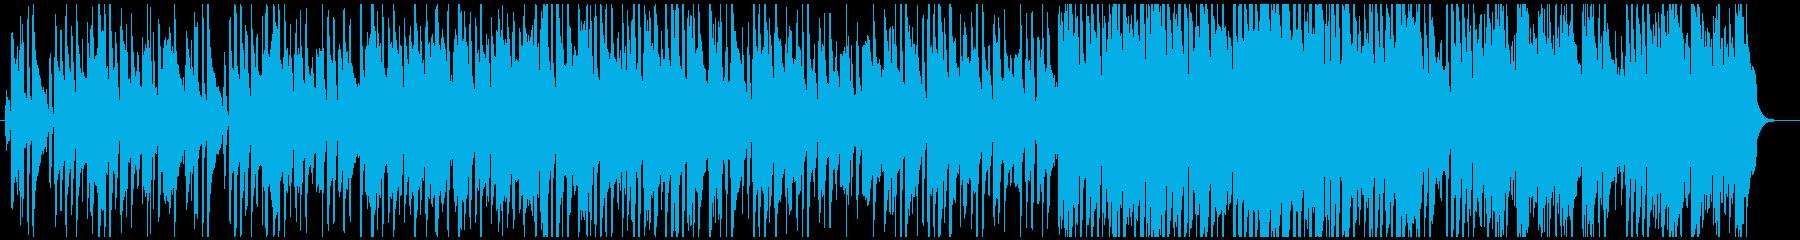 幸せのカトラリーの再生済みの波形